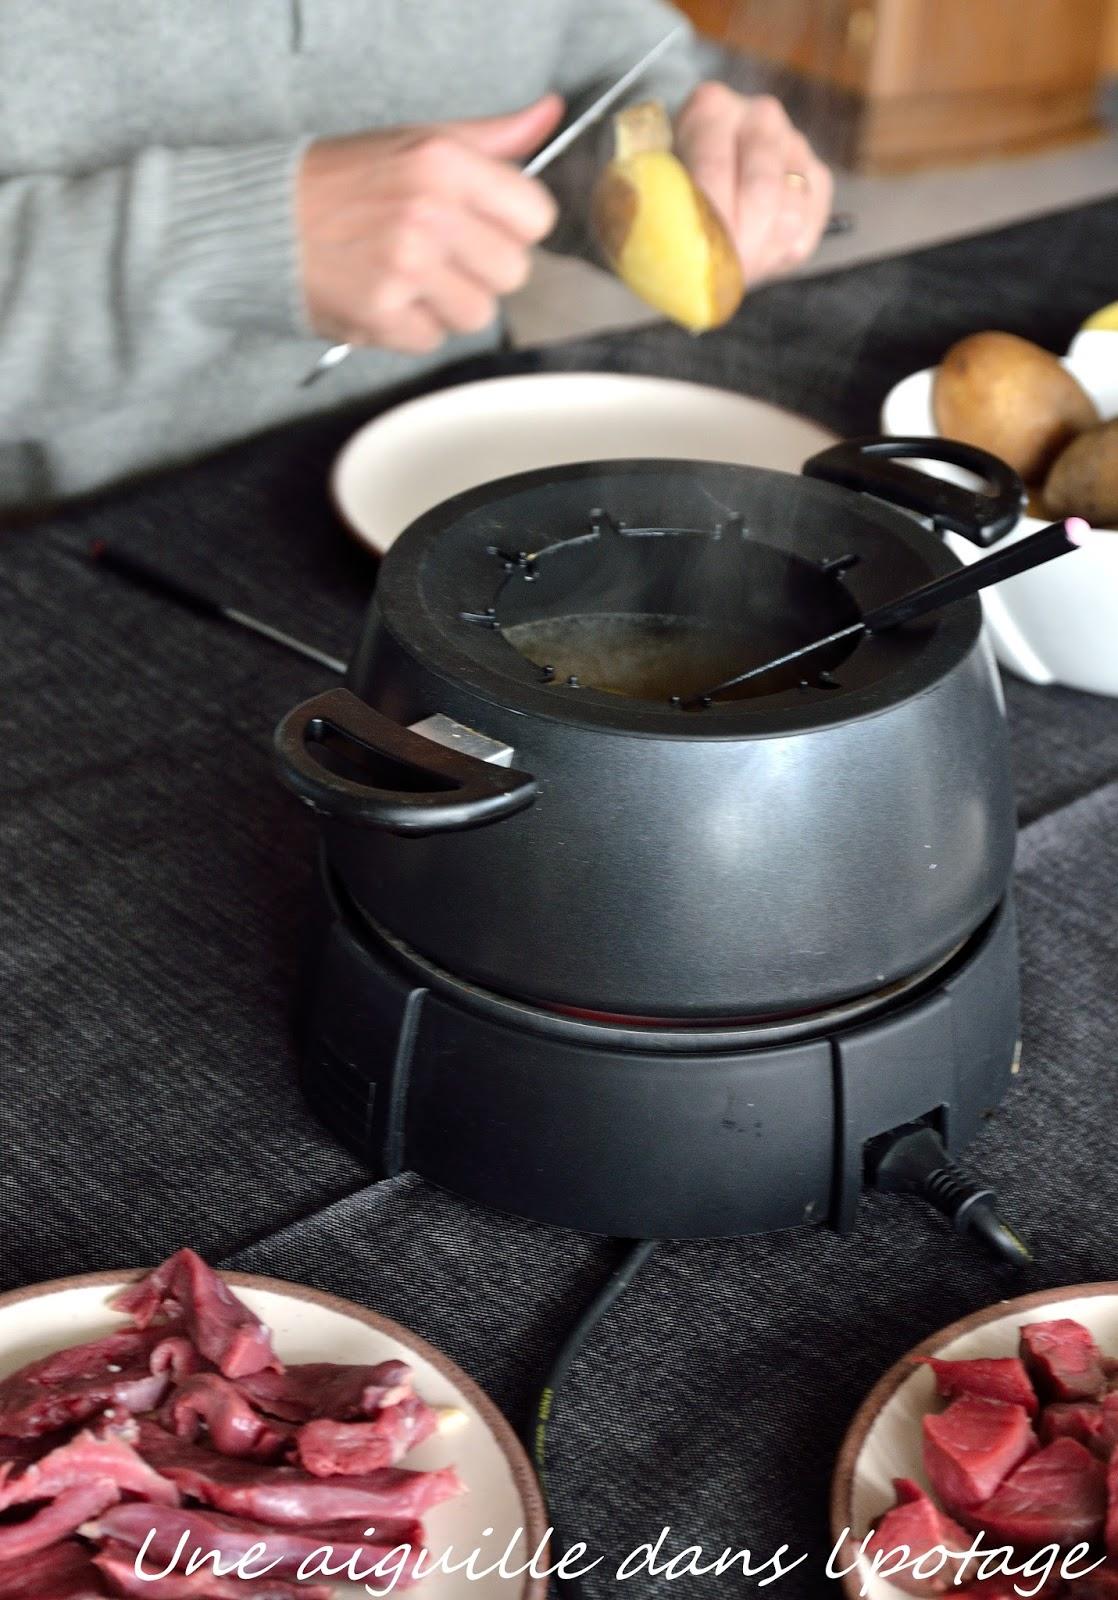 une aiguille dans l 39 potage fondue vigneronne au vin blanc. Black Bedroom Furniture Sets. Home Design Ideas